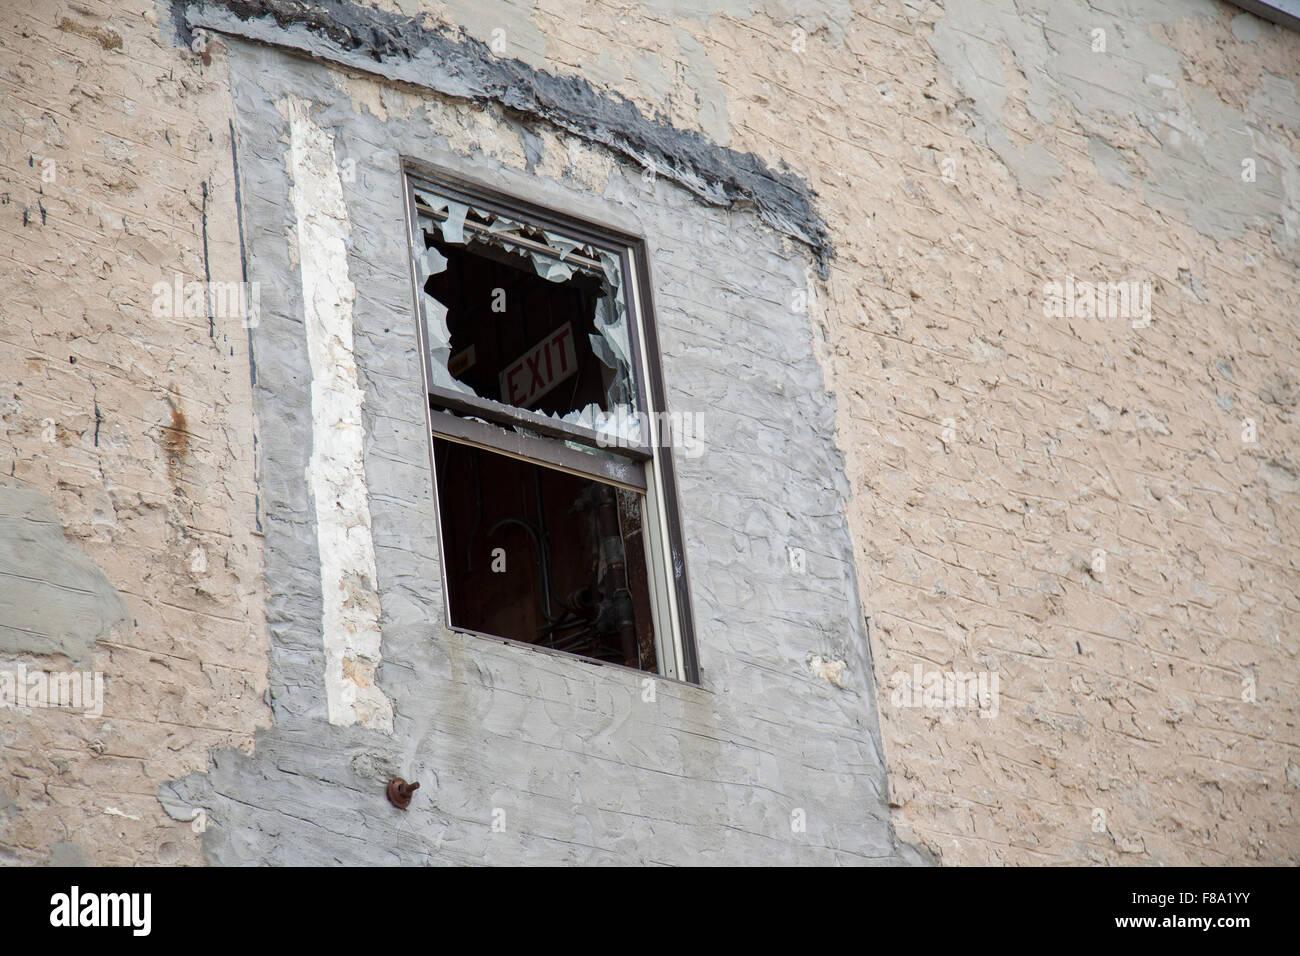 broken window on stone building vandalism - Stock Image